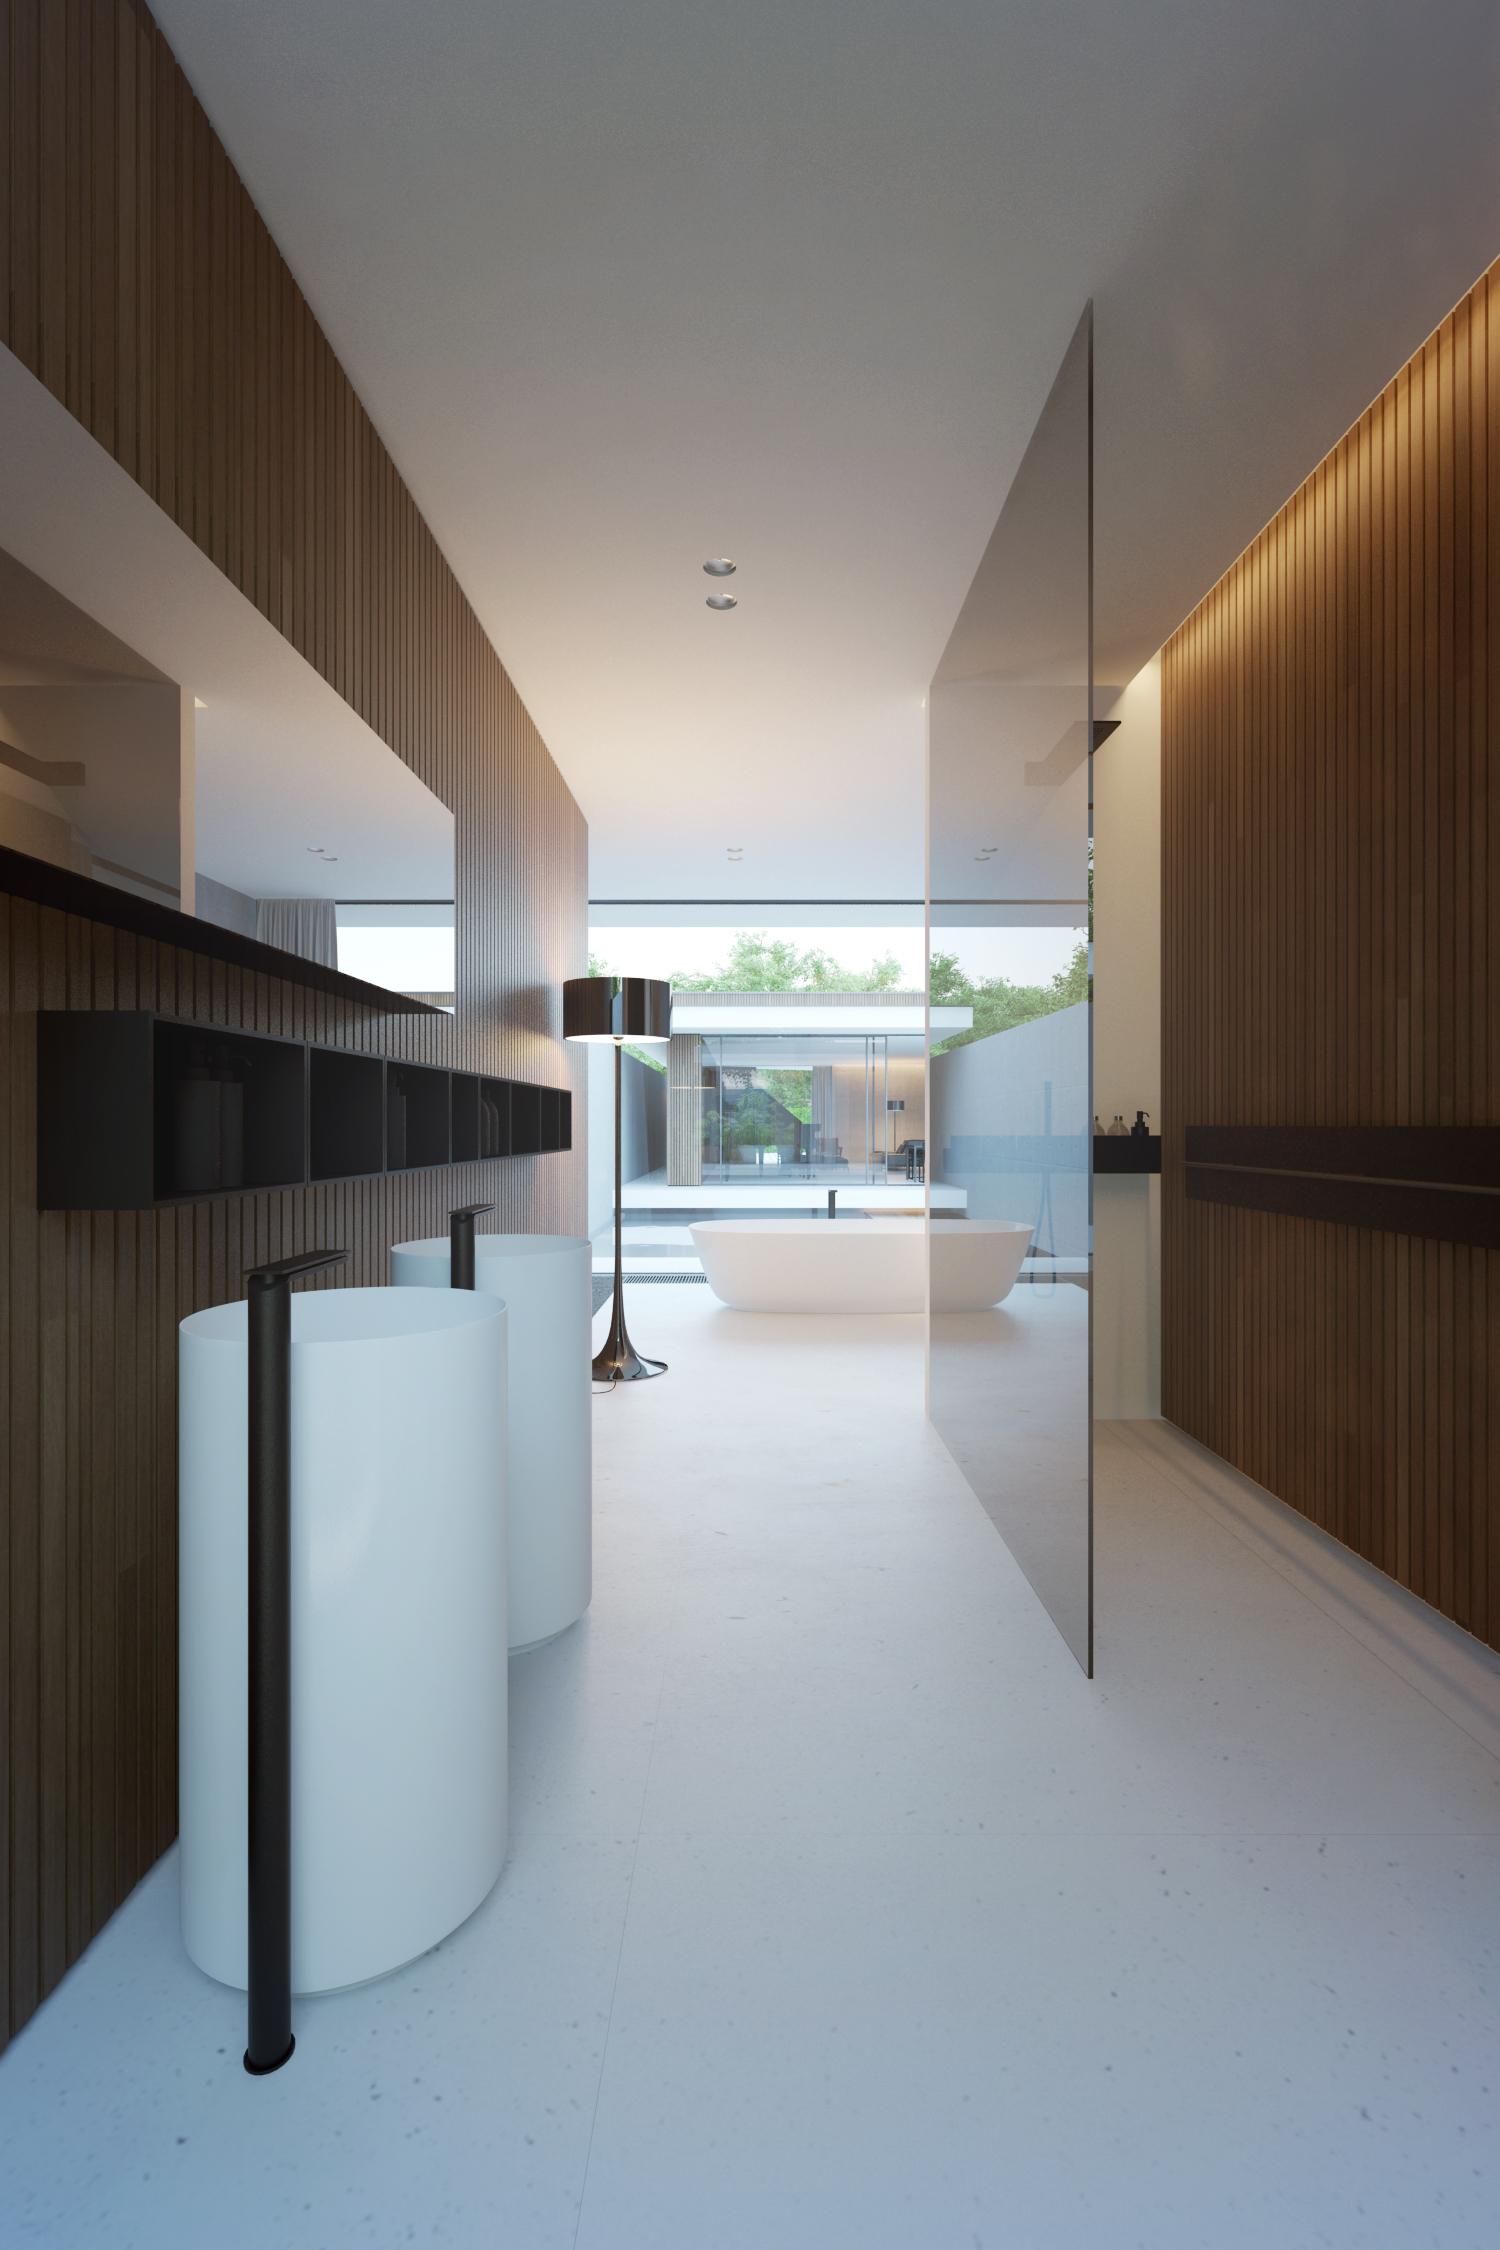 Badkamers voorbeelden dubbele vrijstaande wastafel